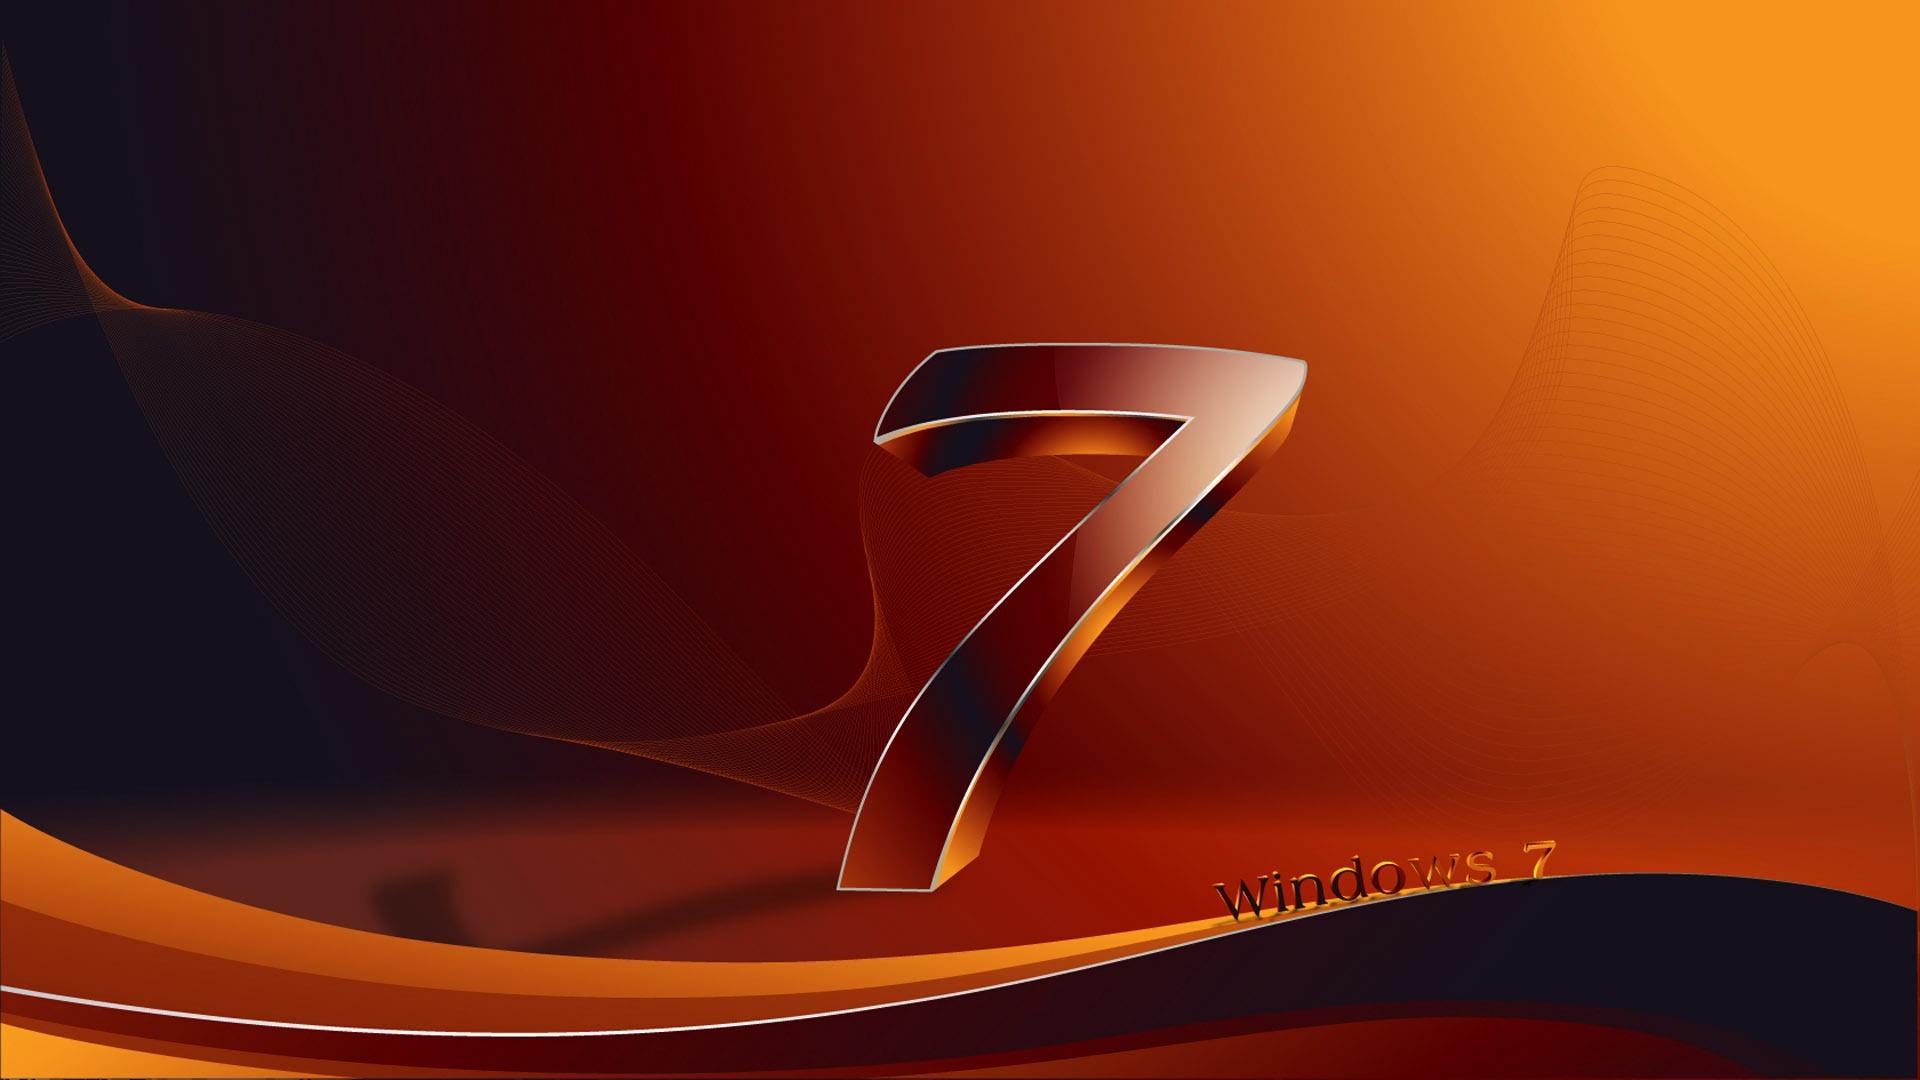 クリエイティブ windows 7 デザイン- ブランドの壁紙の選択 / 1920x1080